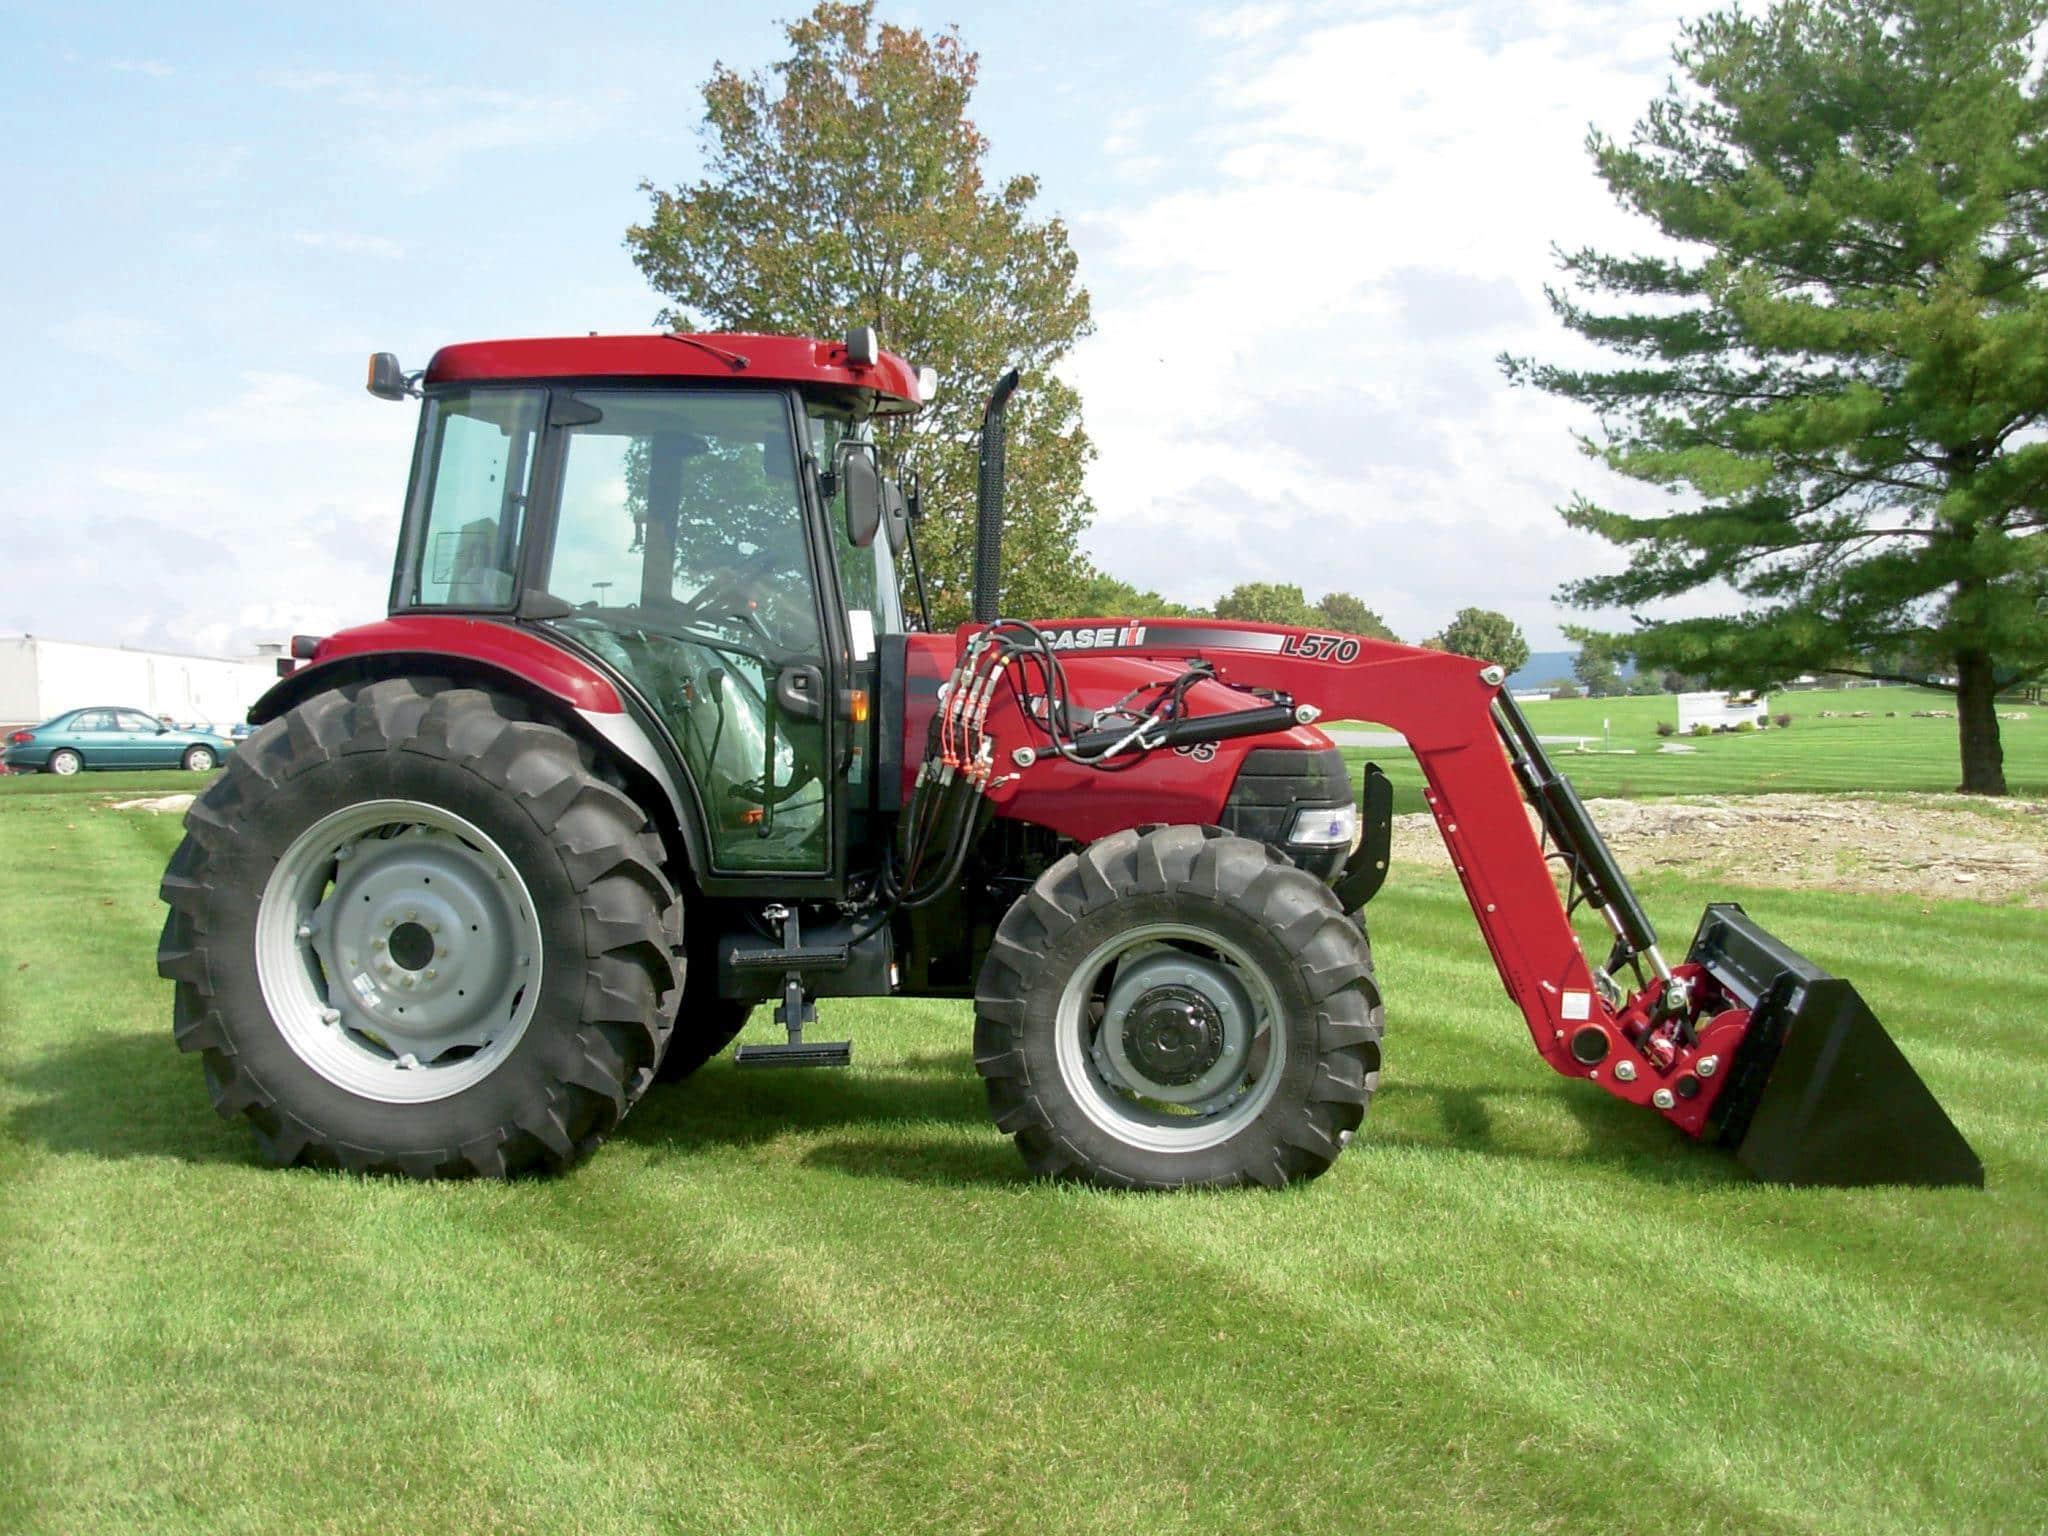 farmall 90c utility tractors case ih rh caseih com case ih farmall 95 owners manual case ih farmall 95 owners manual